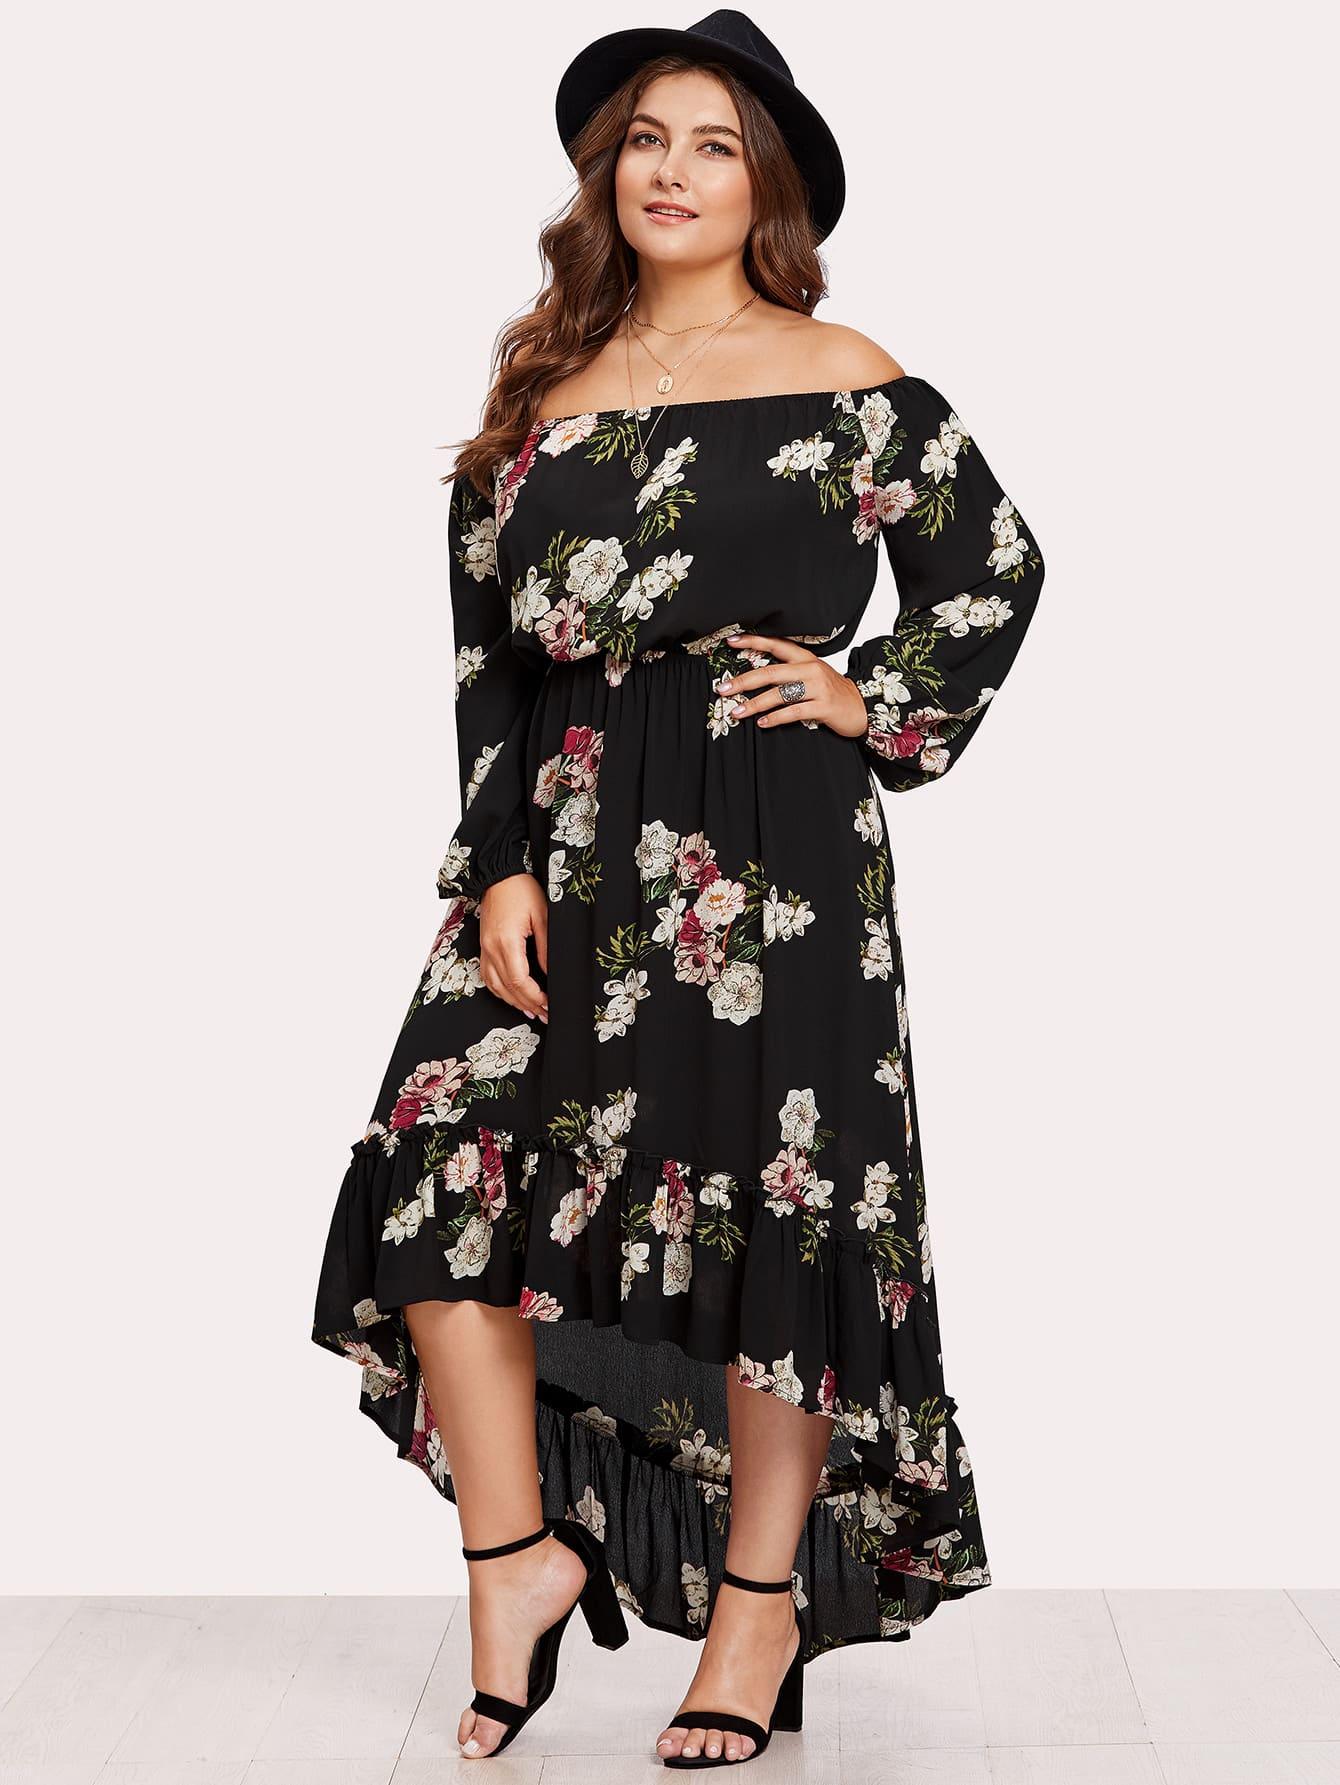 Plus Elasticized Waist Flounce Dip Hem Bardot Dress floral flounce bardot dress